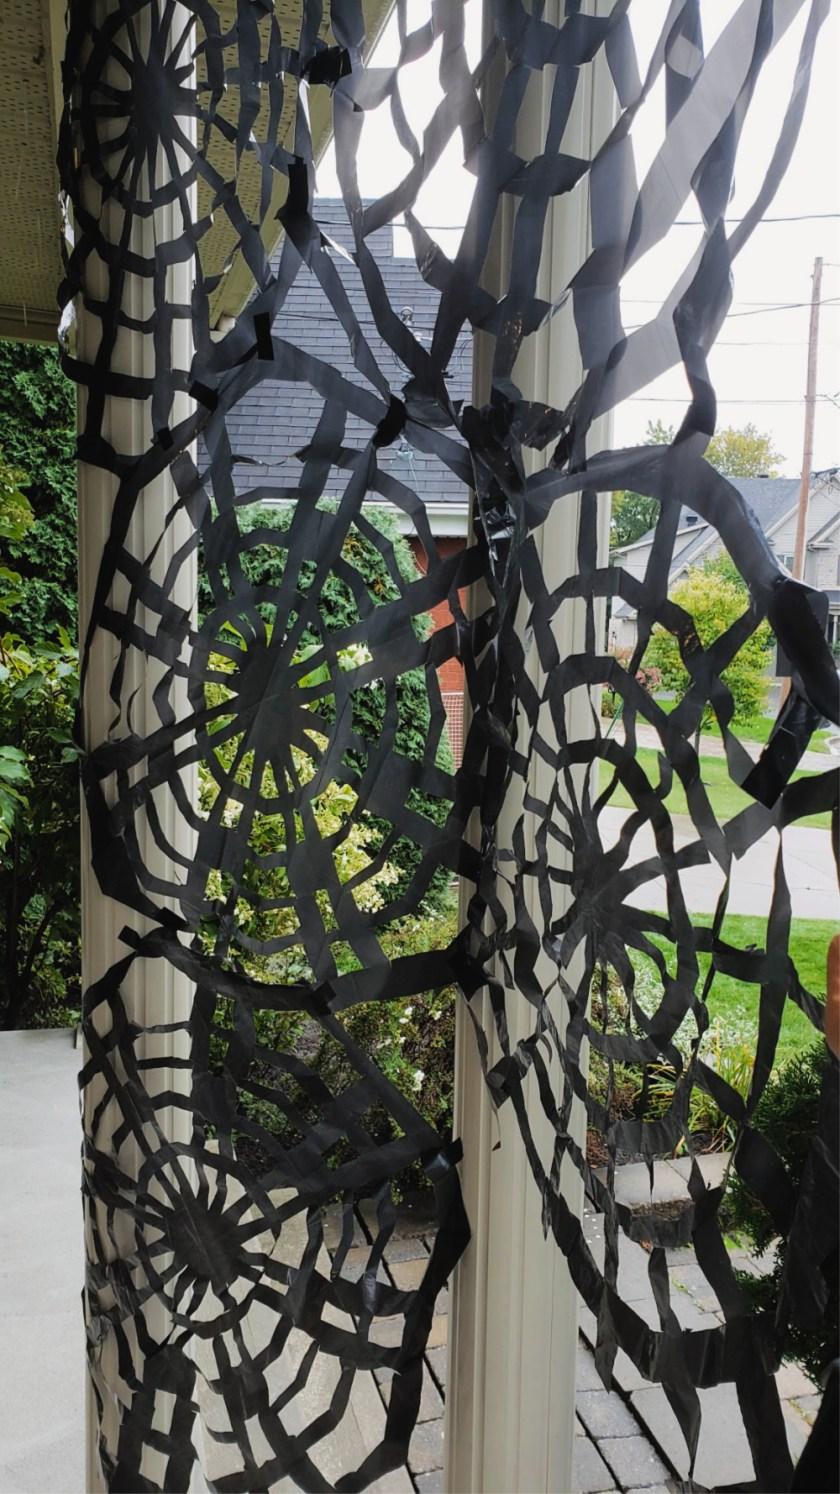 Toiles d'araignées géantes DIY wooloo